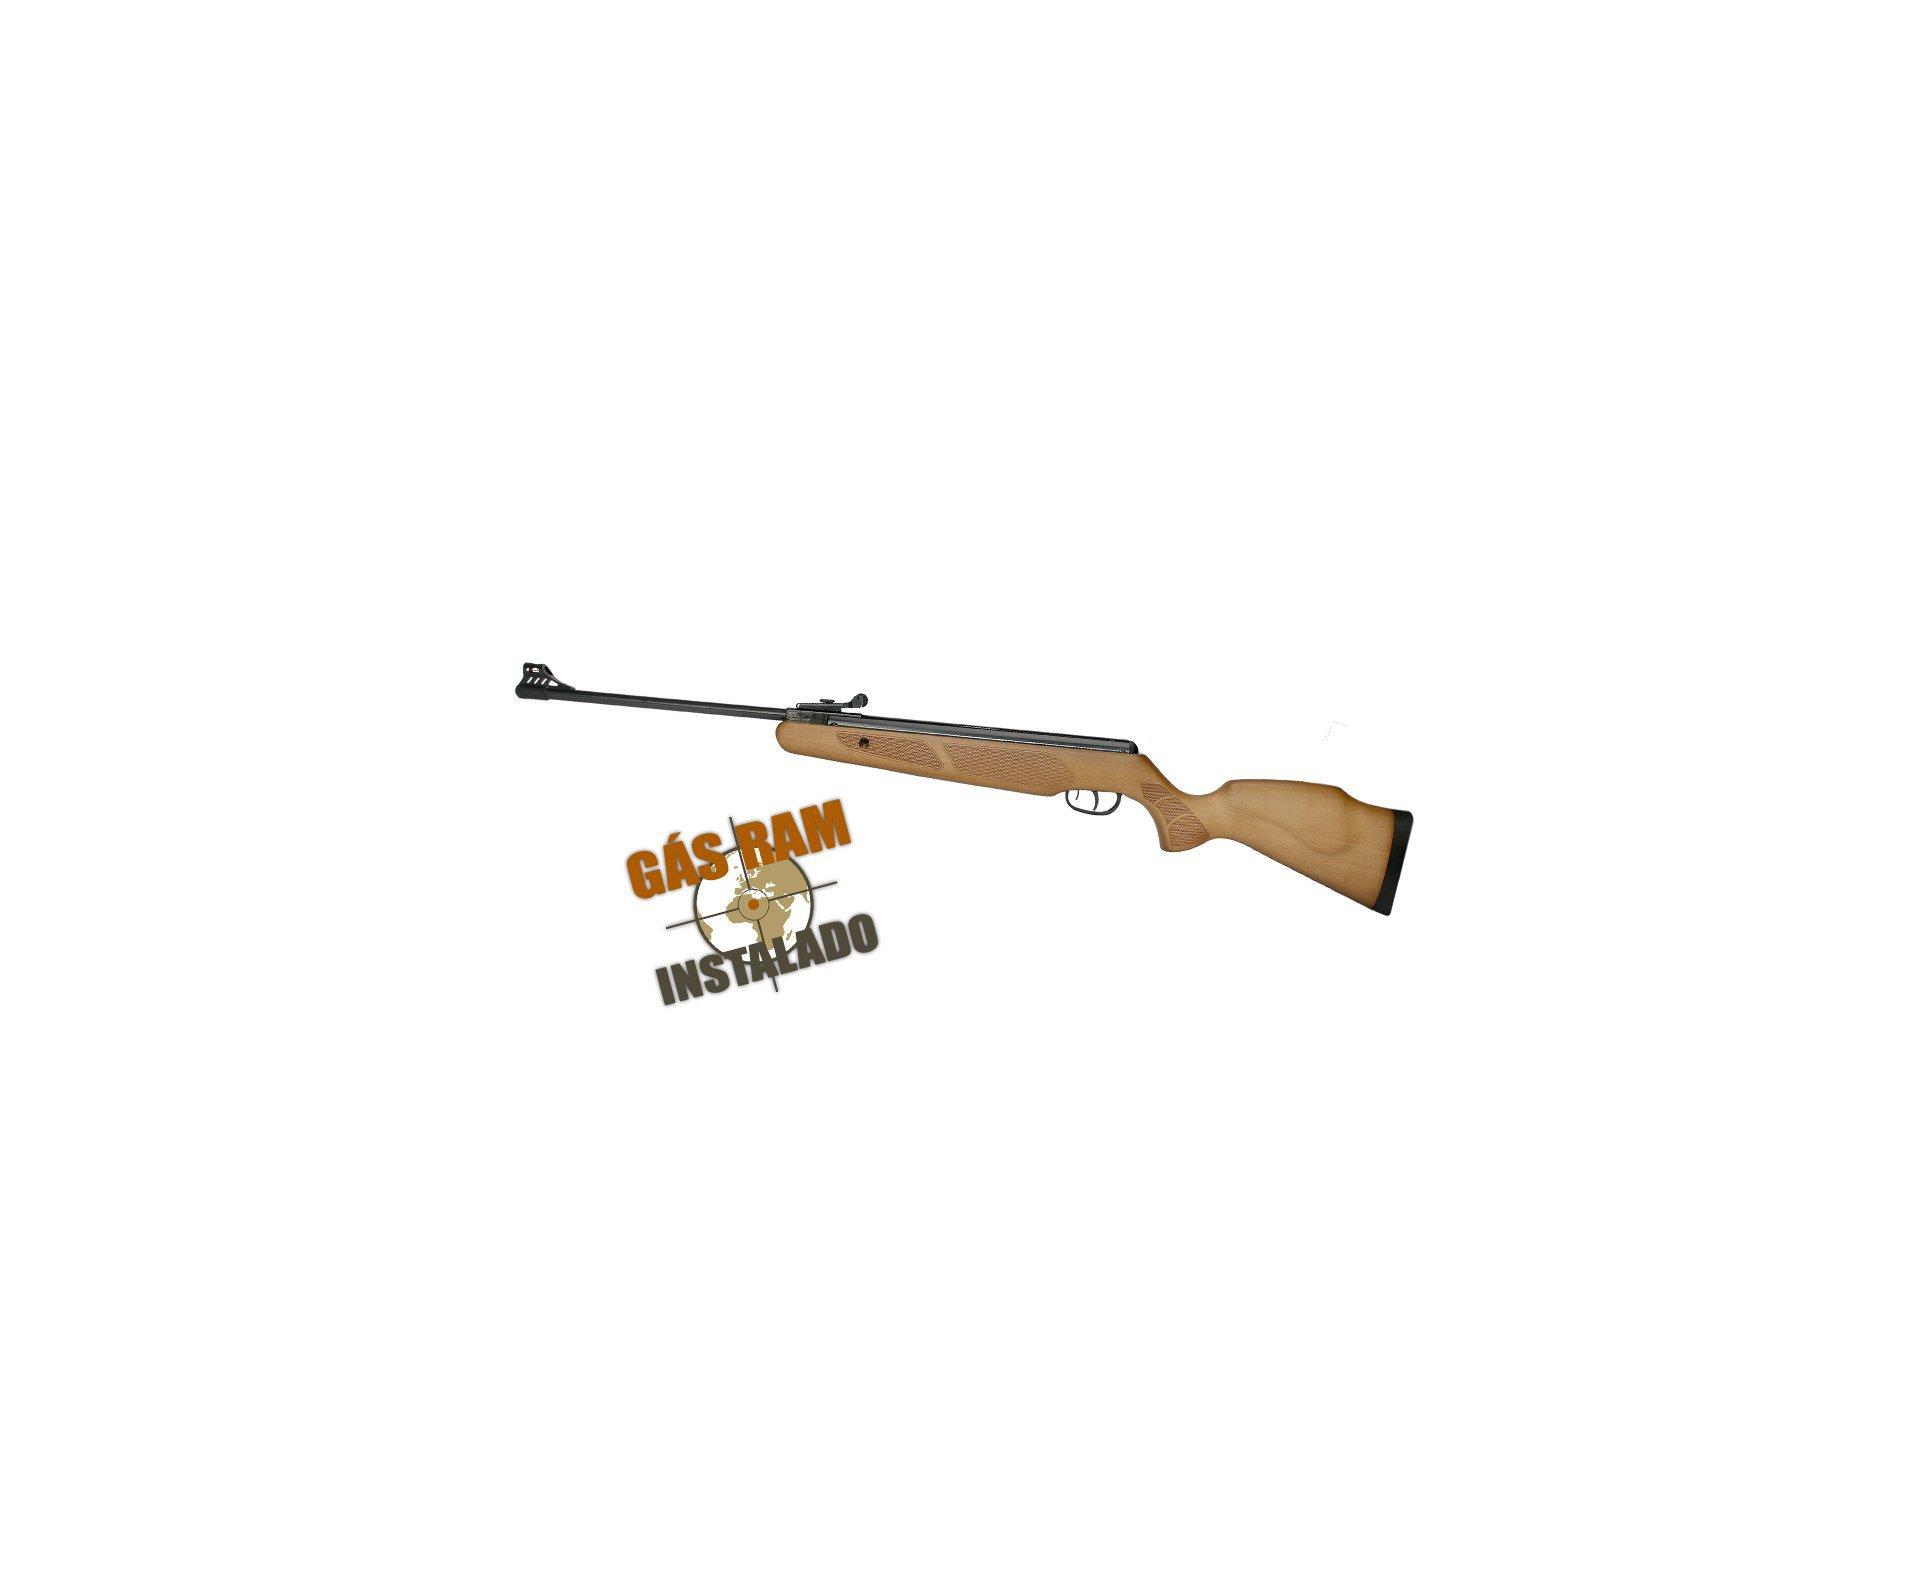 Carabina De Pressão Cbc B19-x 4,5mm Magnum Gás Ram 60kg Instalado + 05 Chumbinhos + Capa Especial